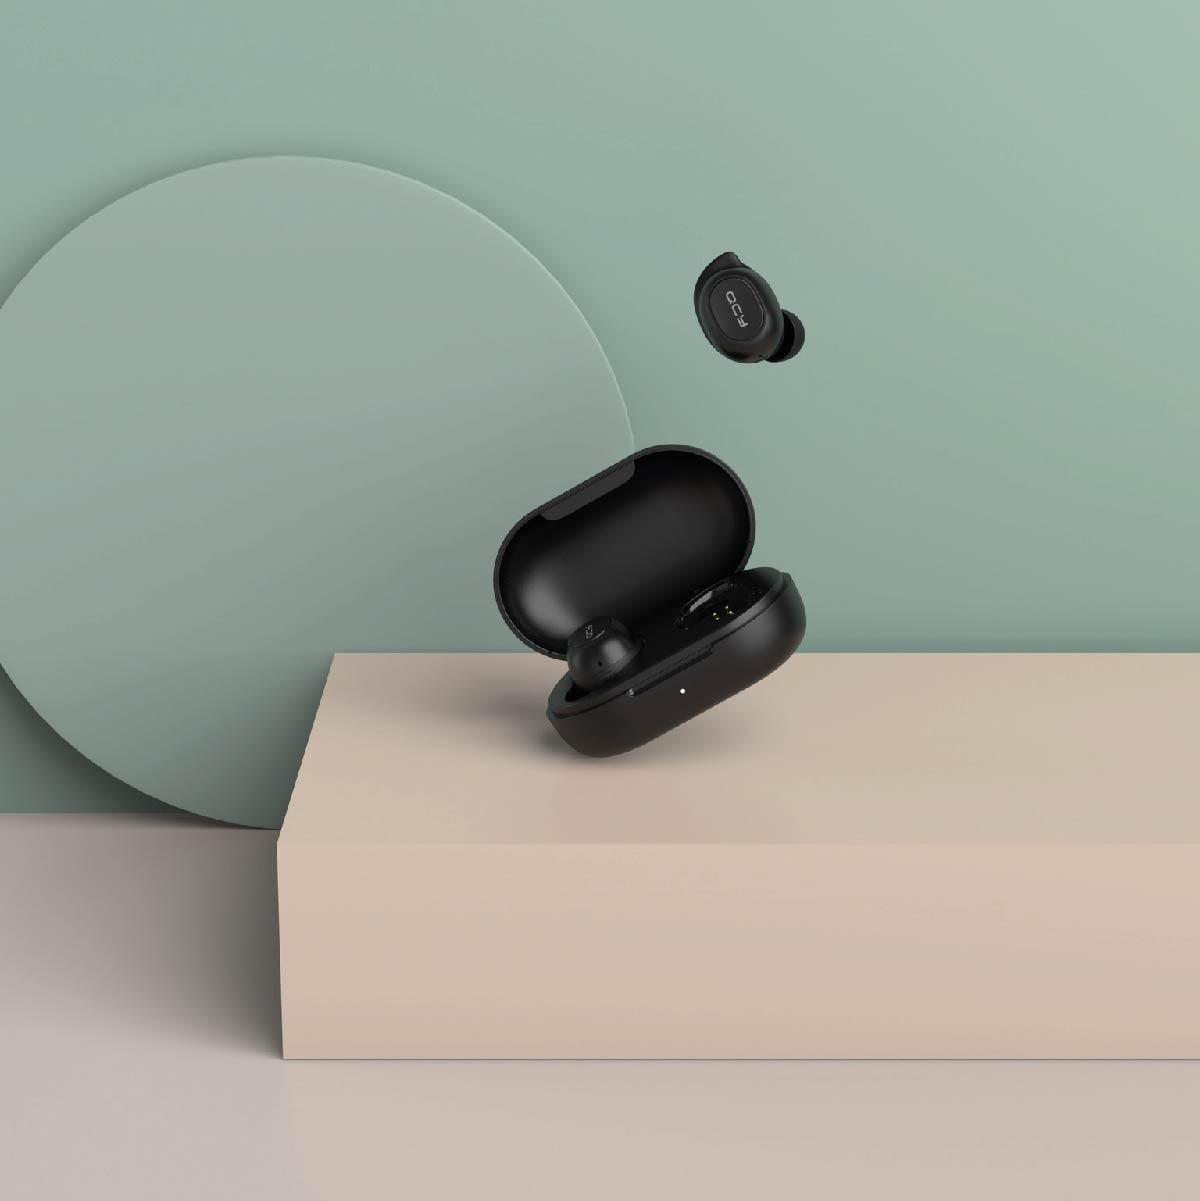 Fone De Ouvido Sem Fio Bluetooth 5.0 QCY T9s TWS Com Case Carregadora